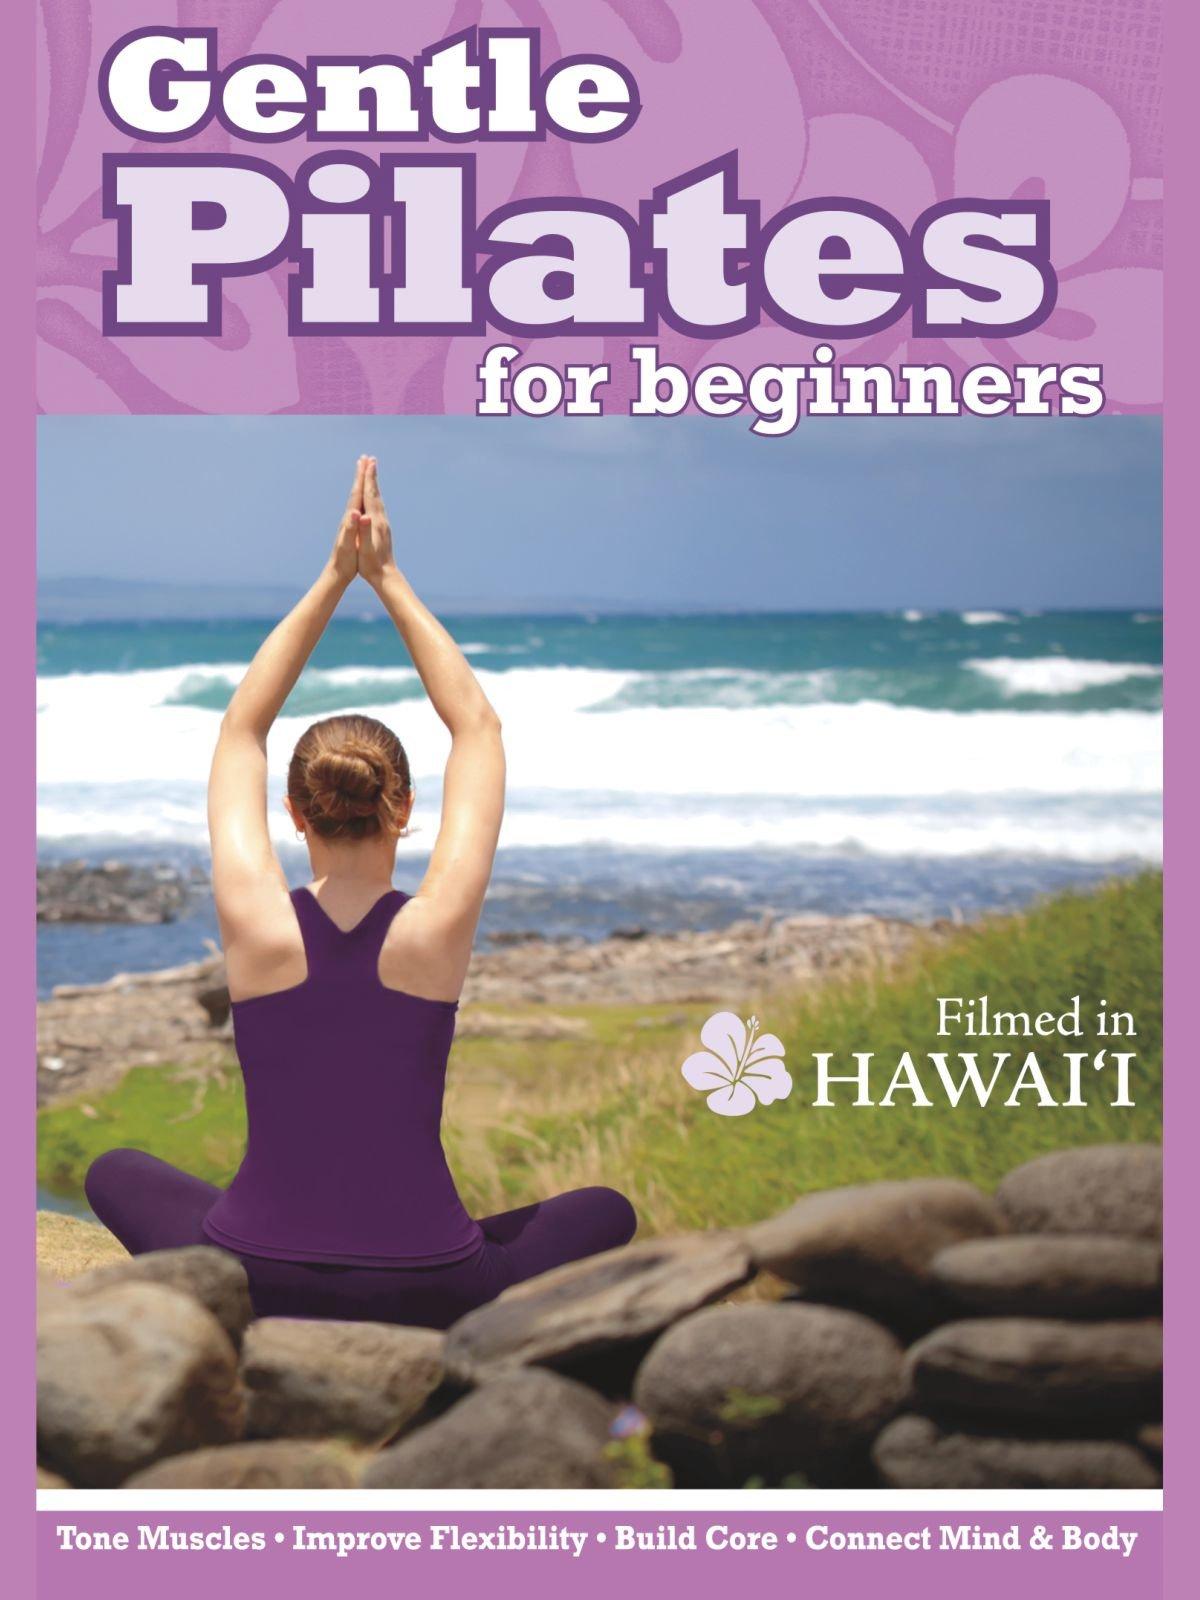 Gentle Pilates for Beginners - Filmed in Hawaii